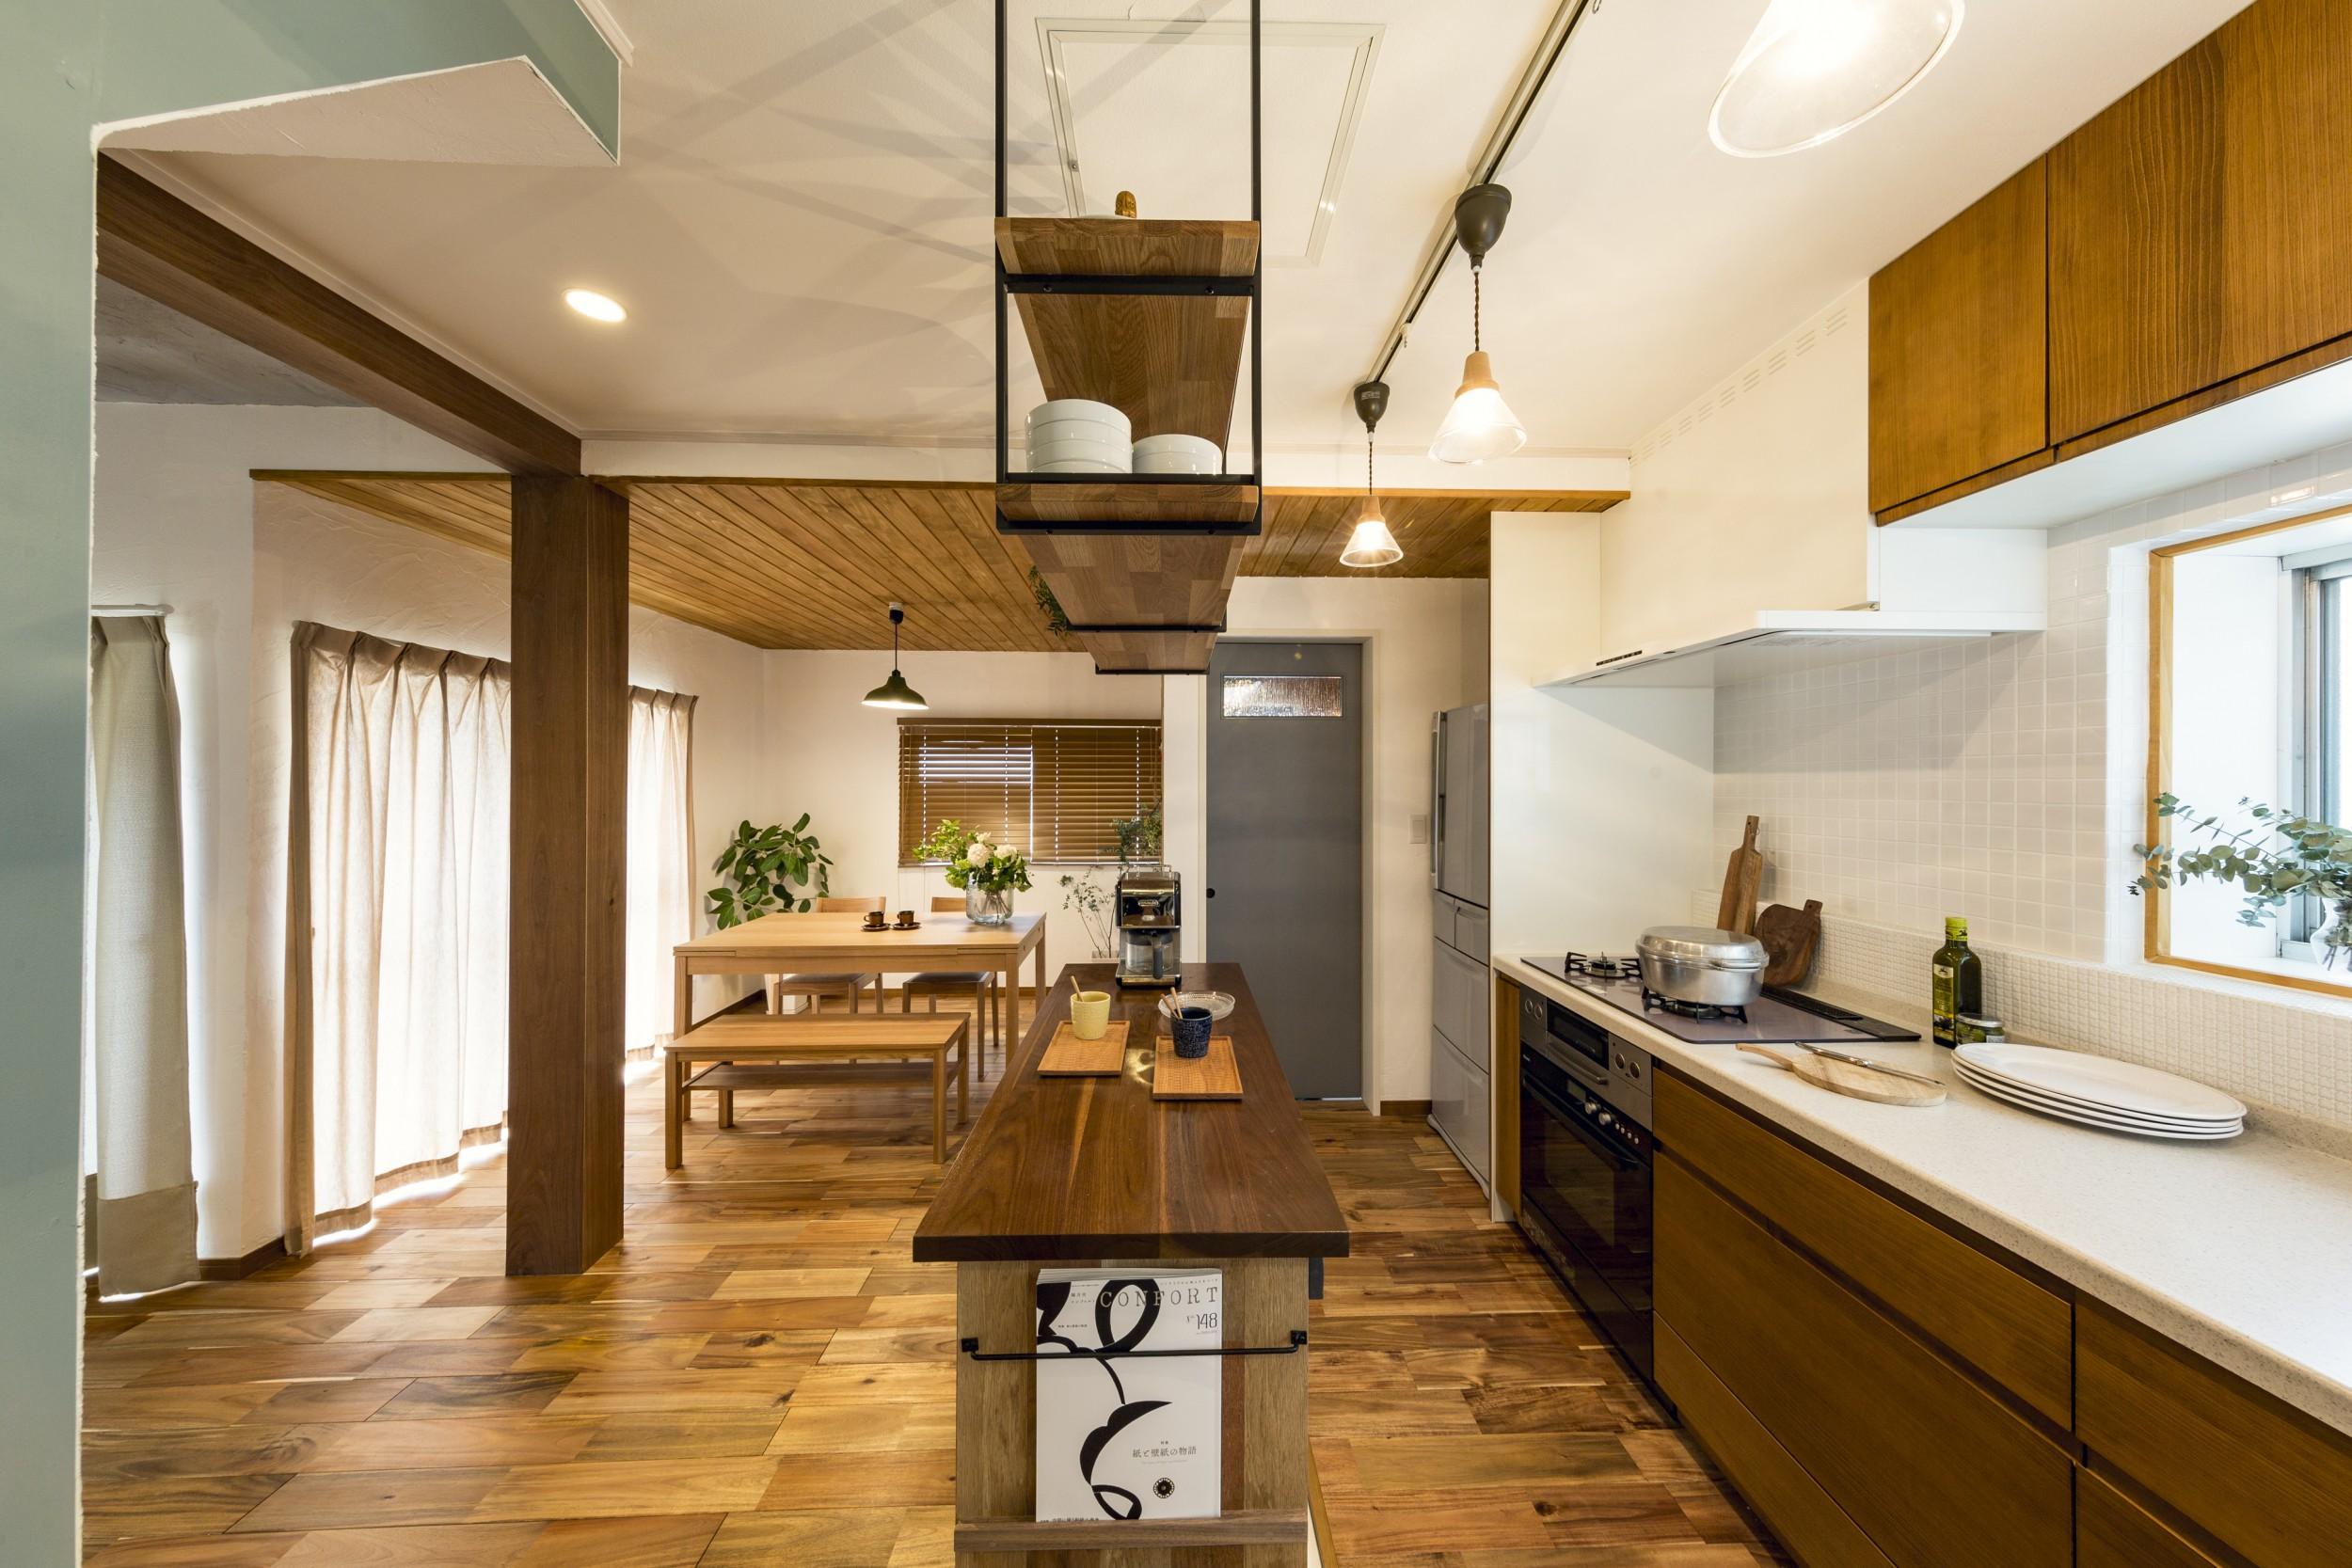 岐阜市リノベーション事例のキッチンダイニング